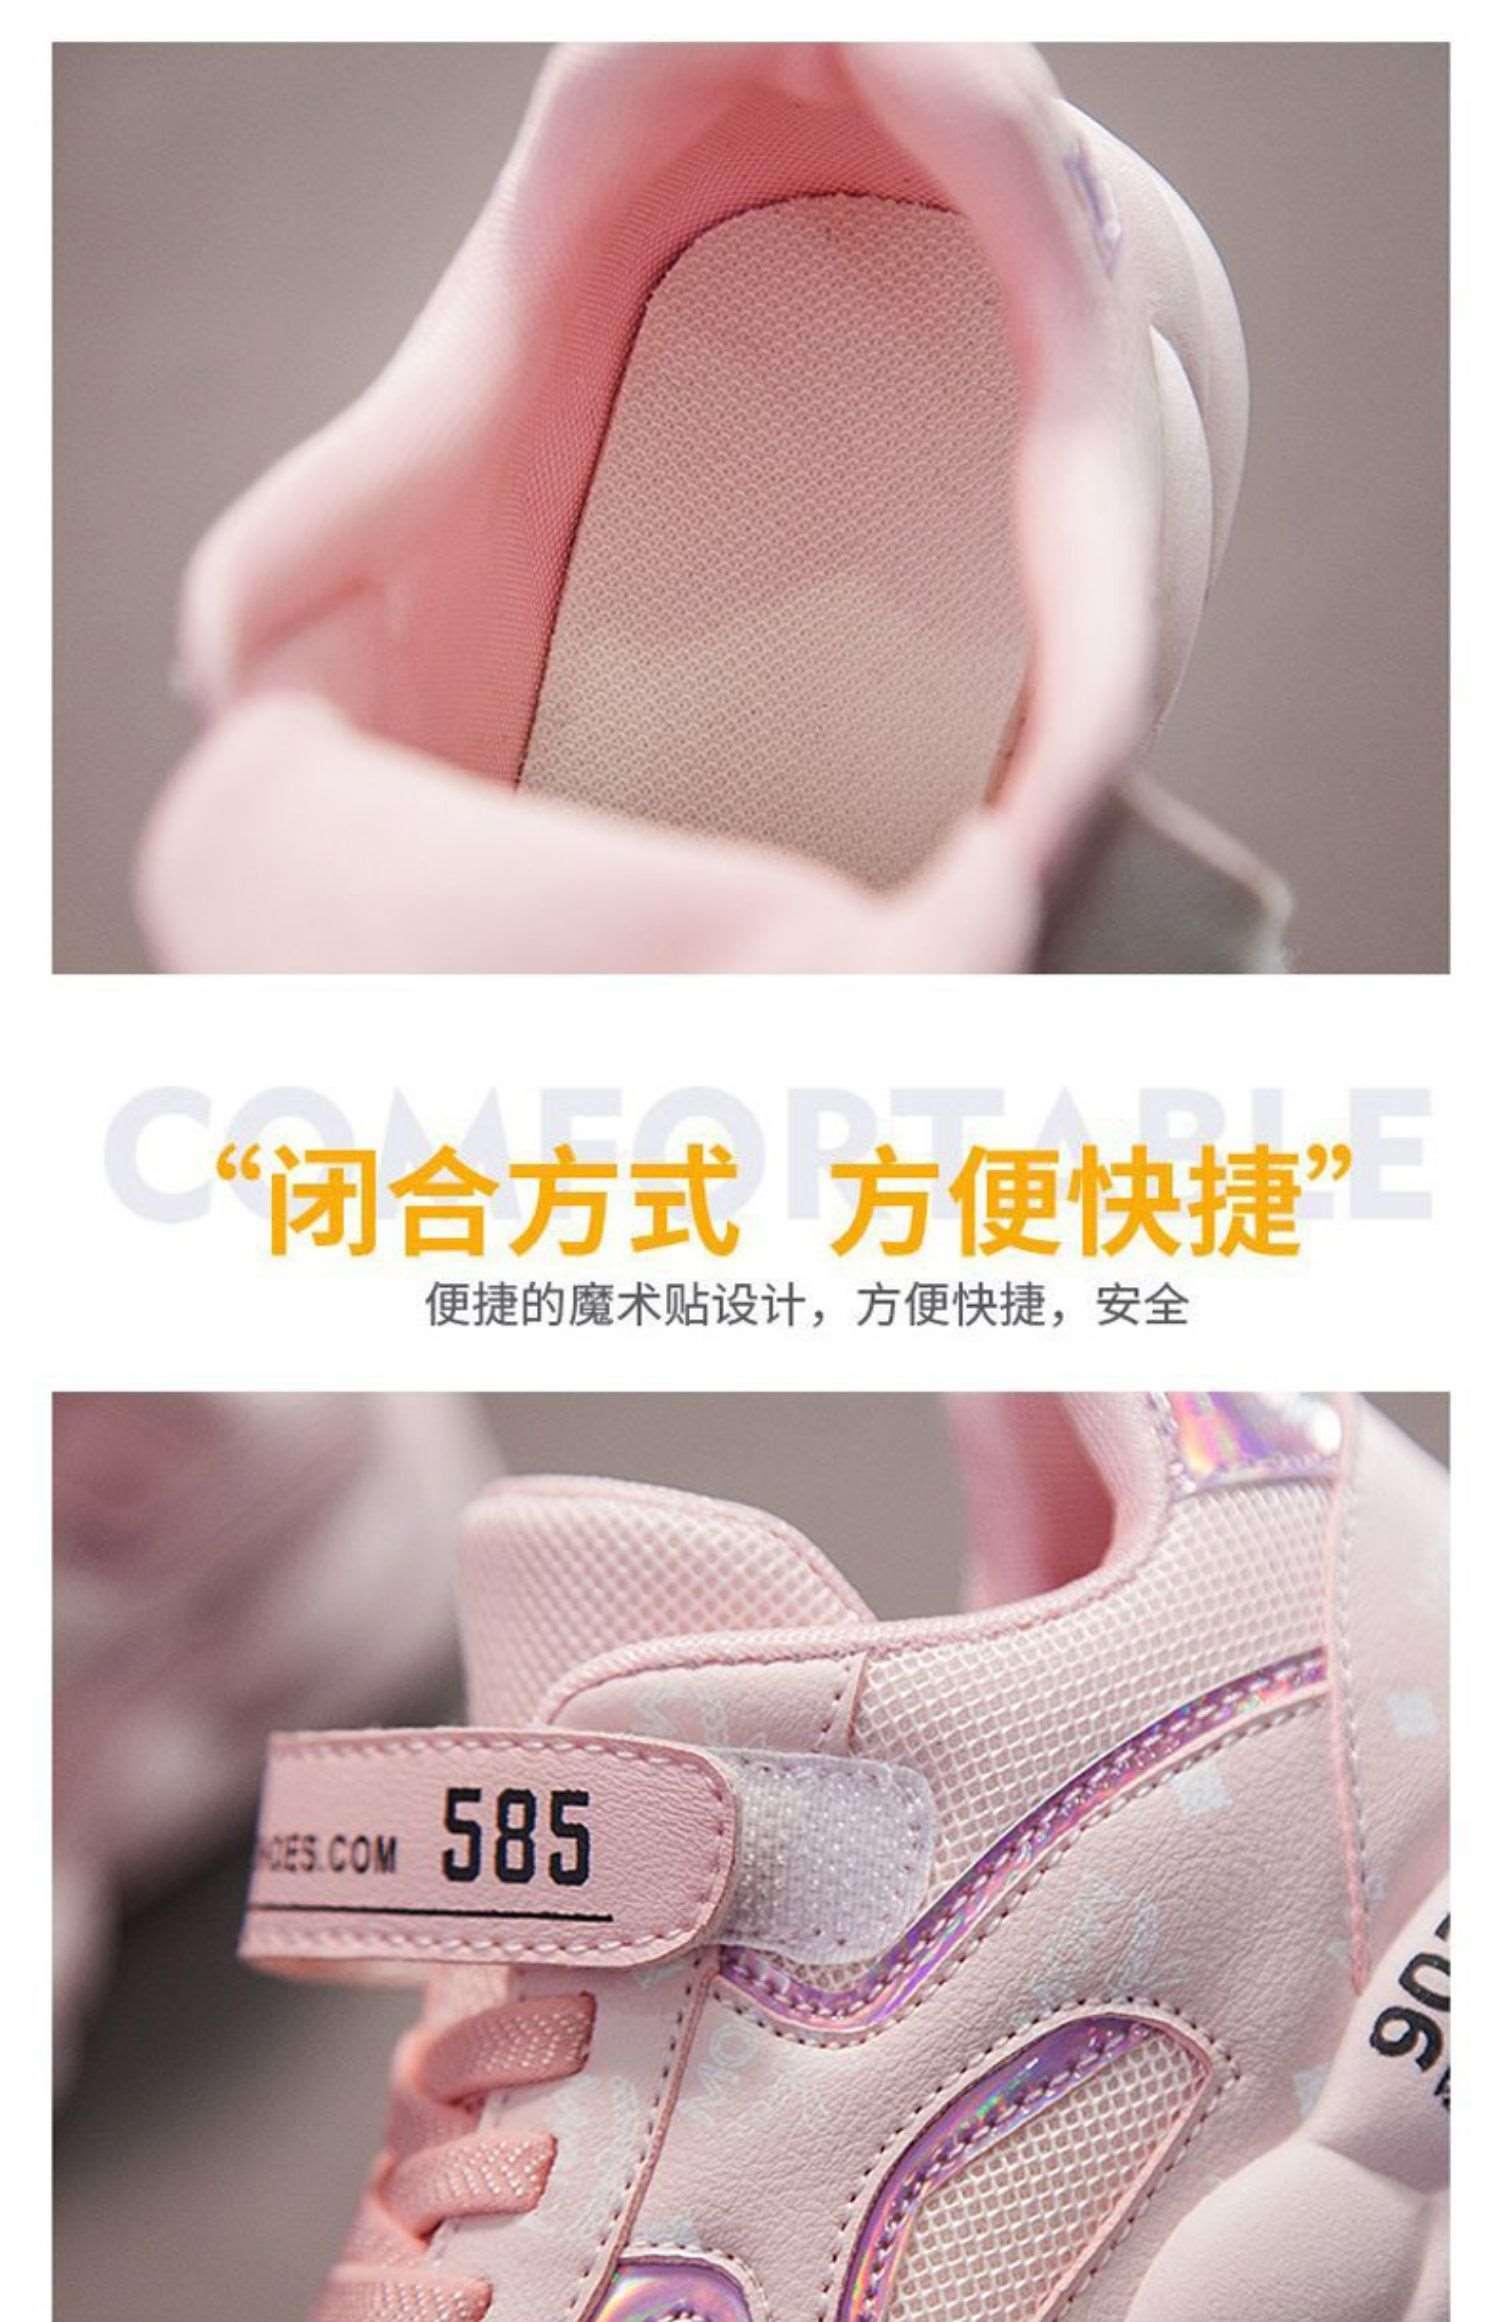 中國代購|中國批發-ibuy99|女童运动鞋儿童鞋2020新款春秋时尚女孩跑步鞋男童透气网鞋儿童鞋